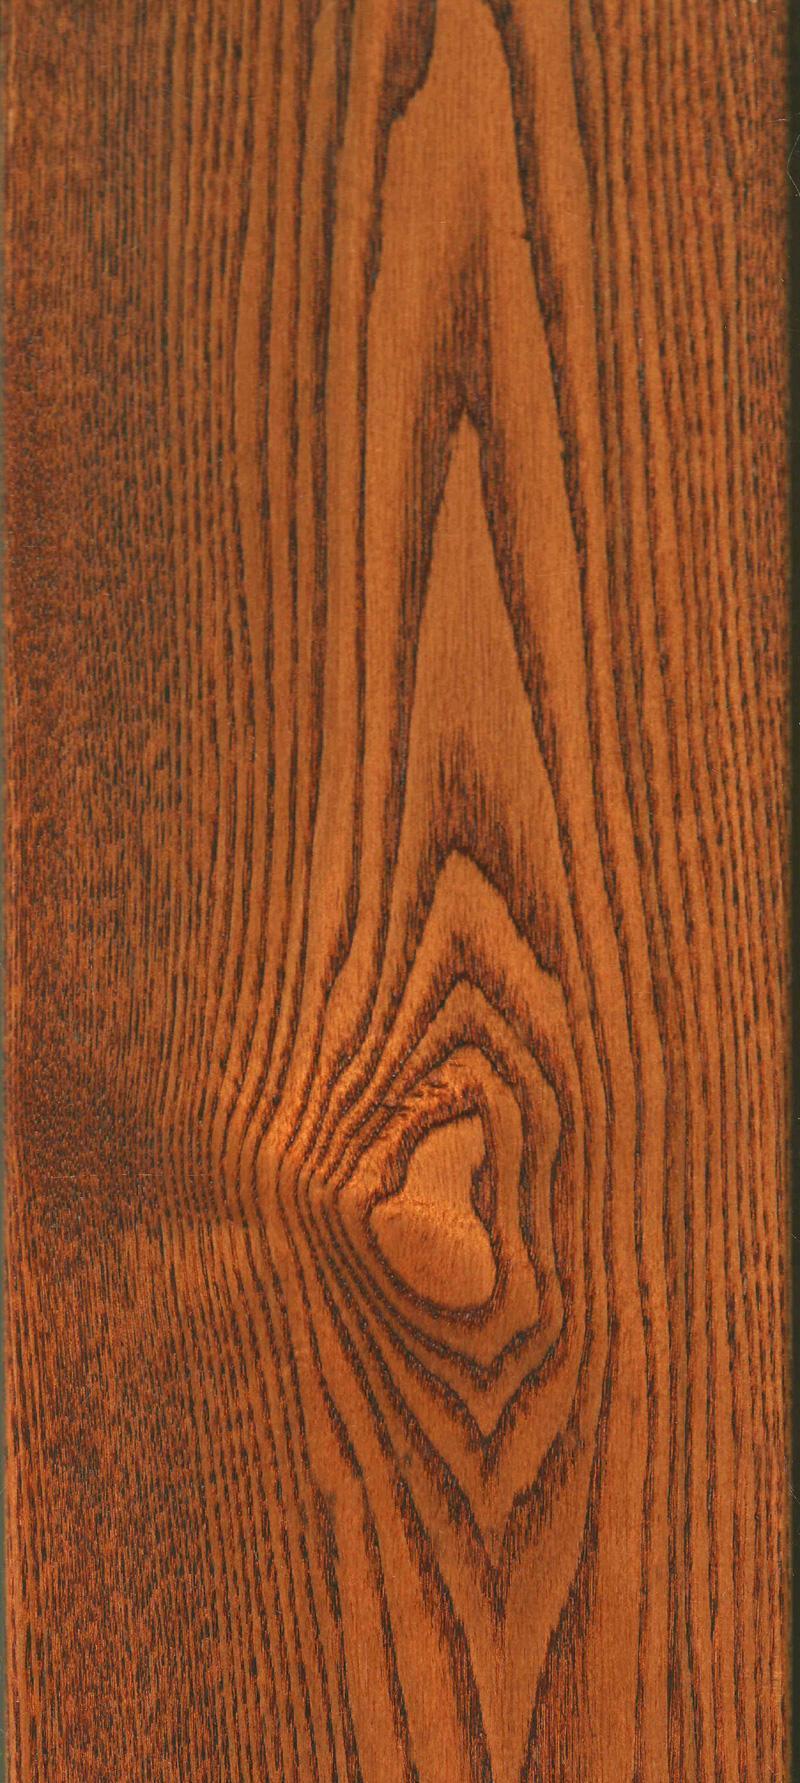 德尔SMF-9实木仿古浮雕面地板(热那亚风情)SMF-9